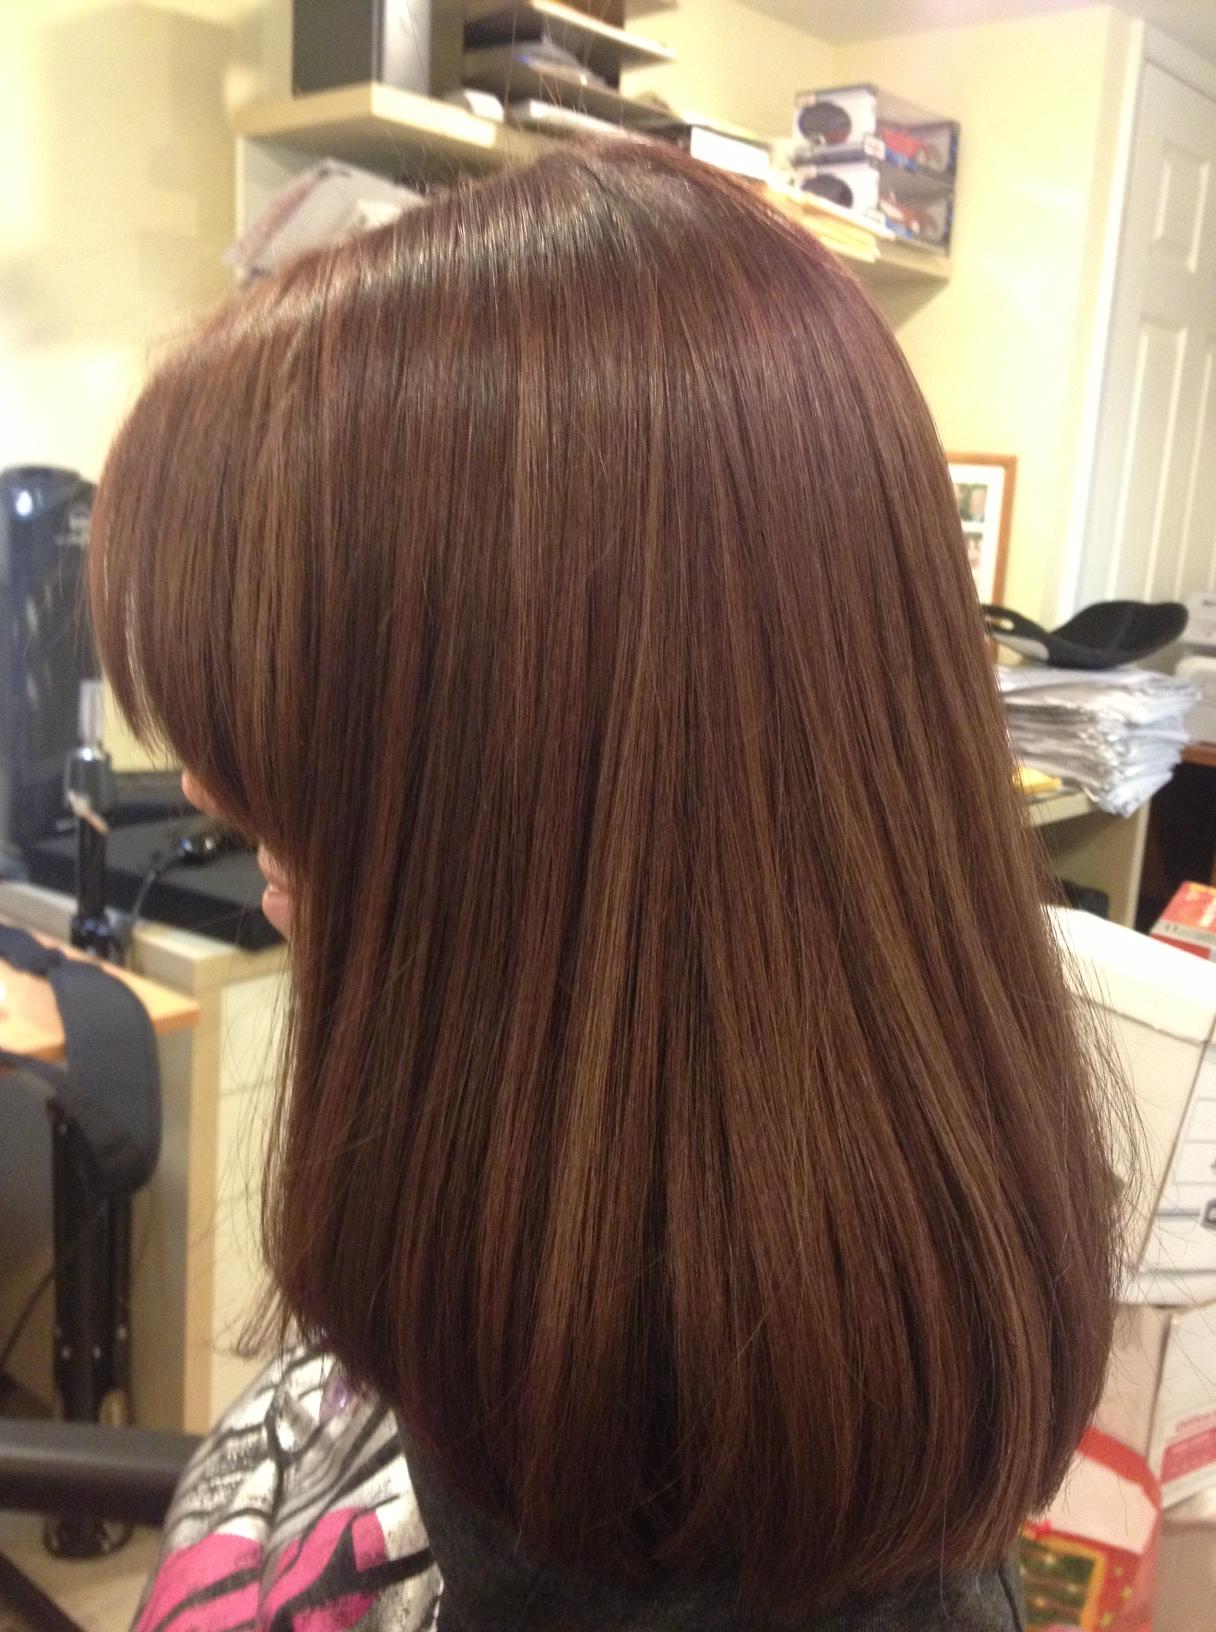 Lucia cimins hair salon florham park for Salon kerat in